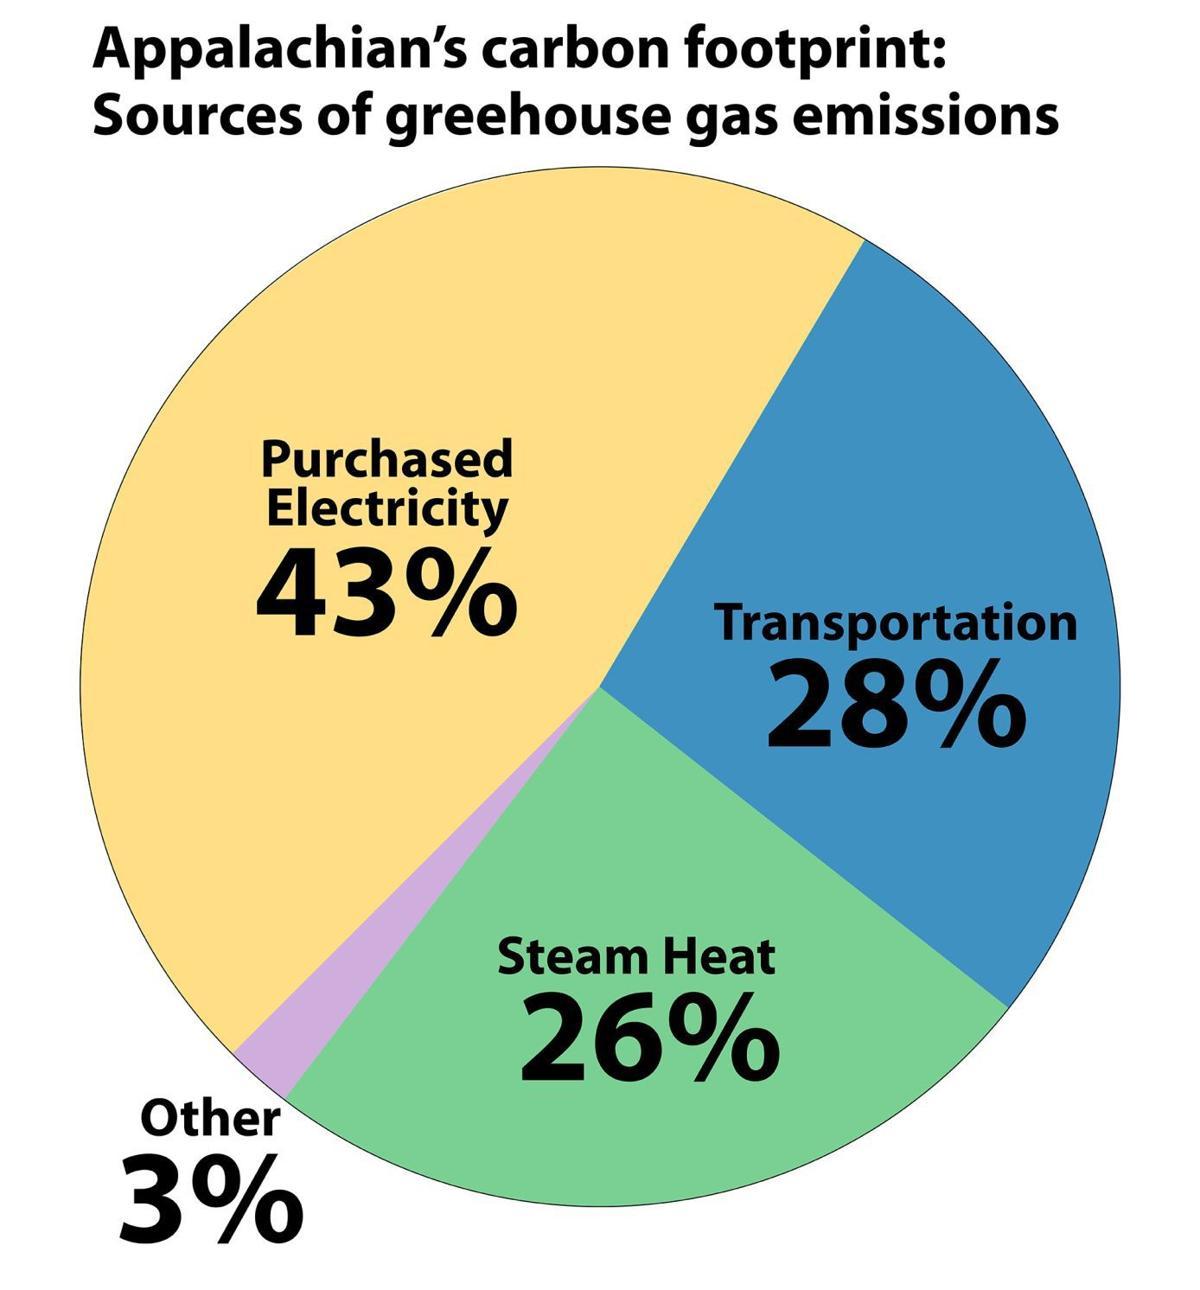 Carbon footprint pie chart